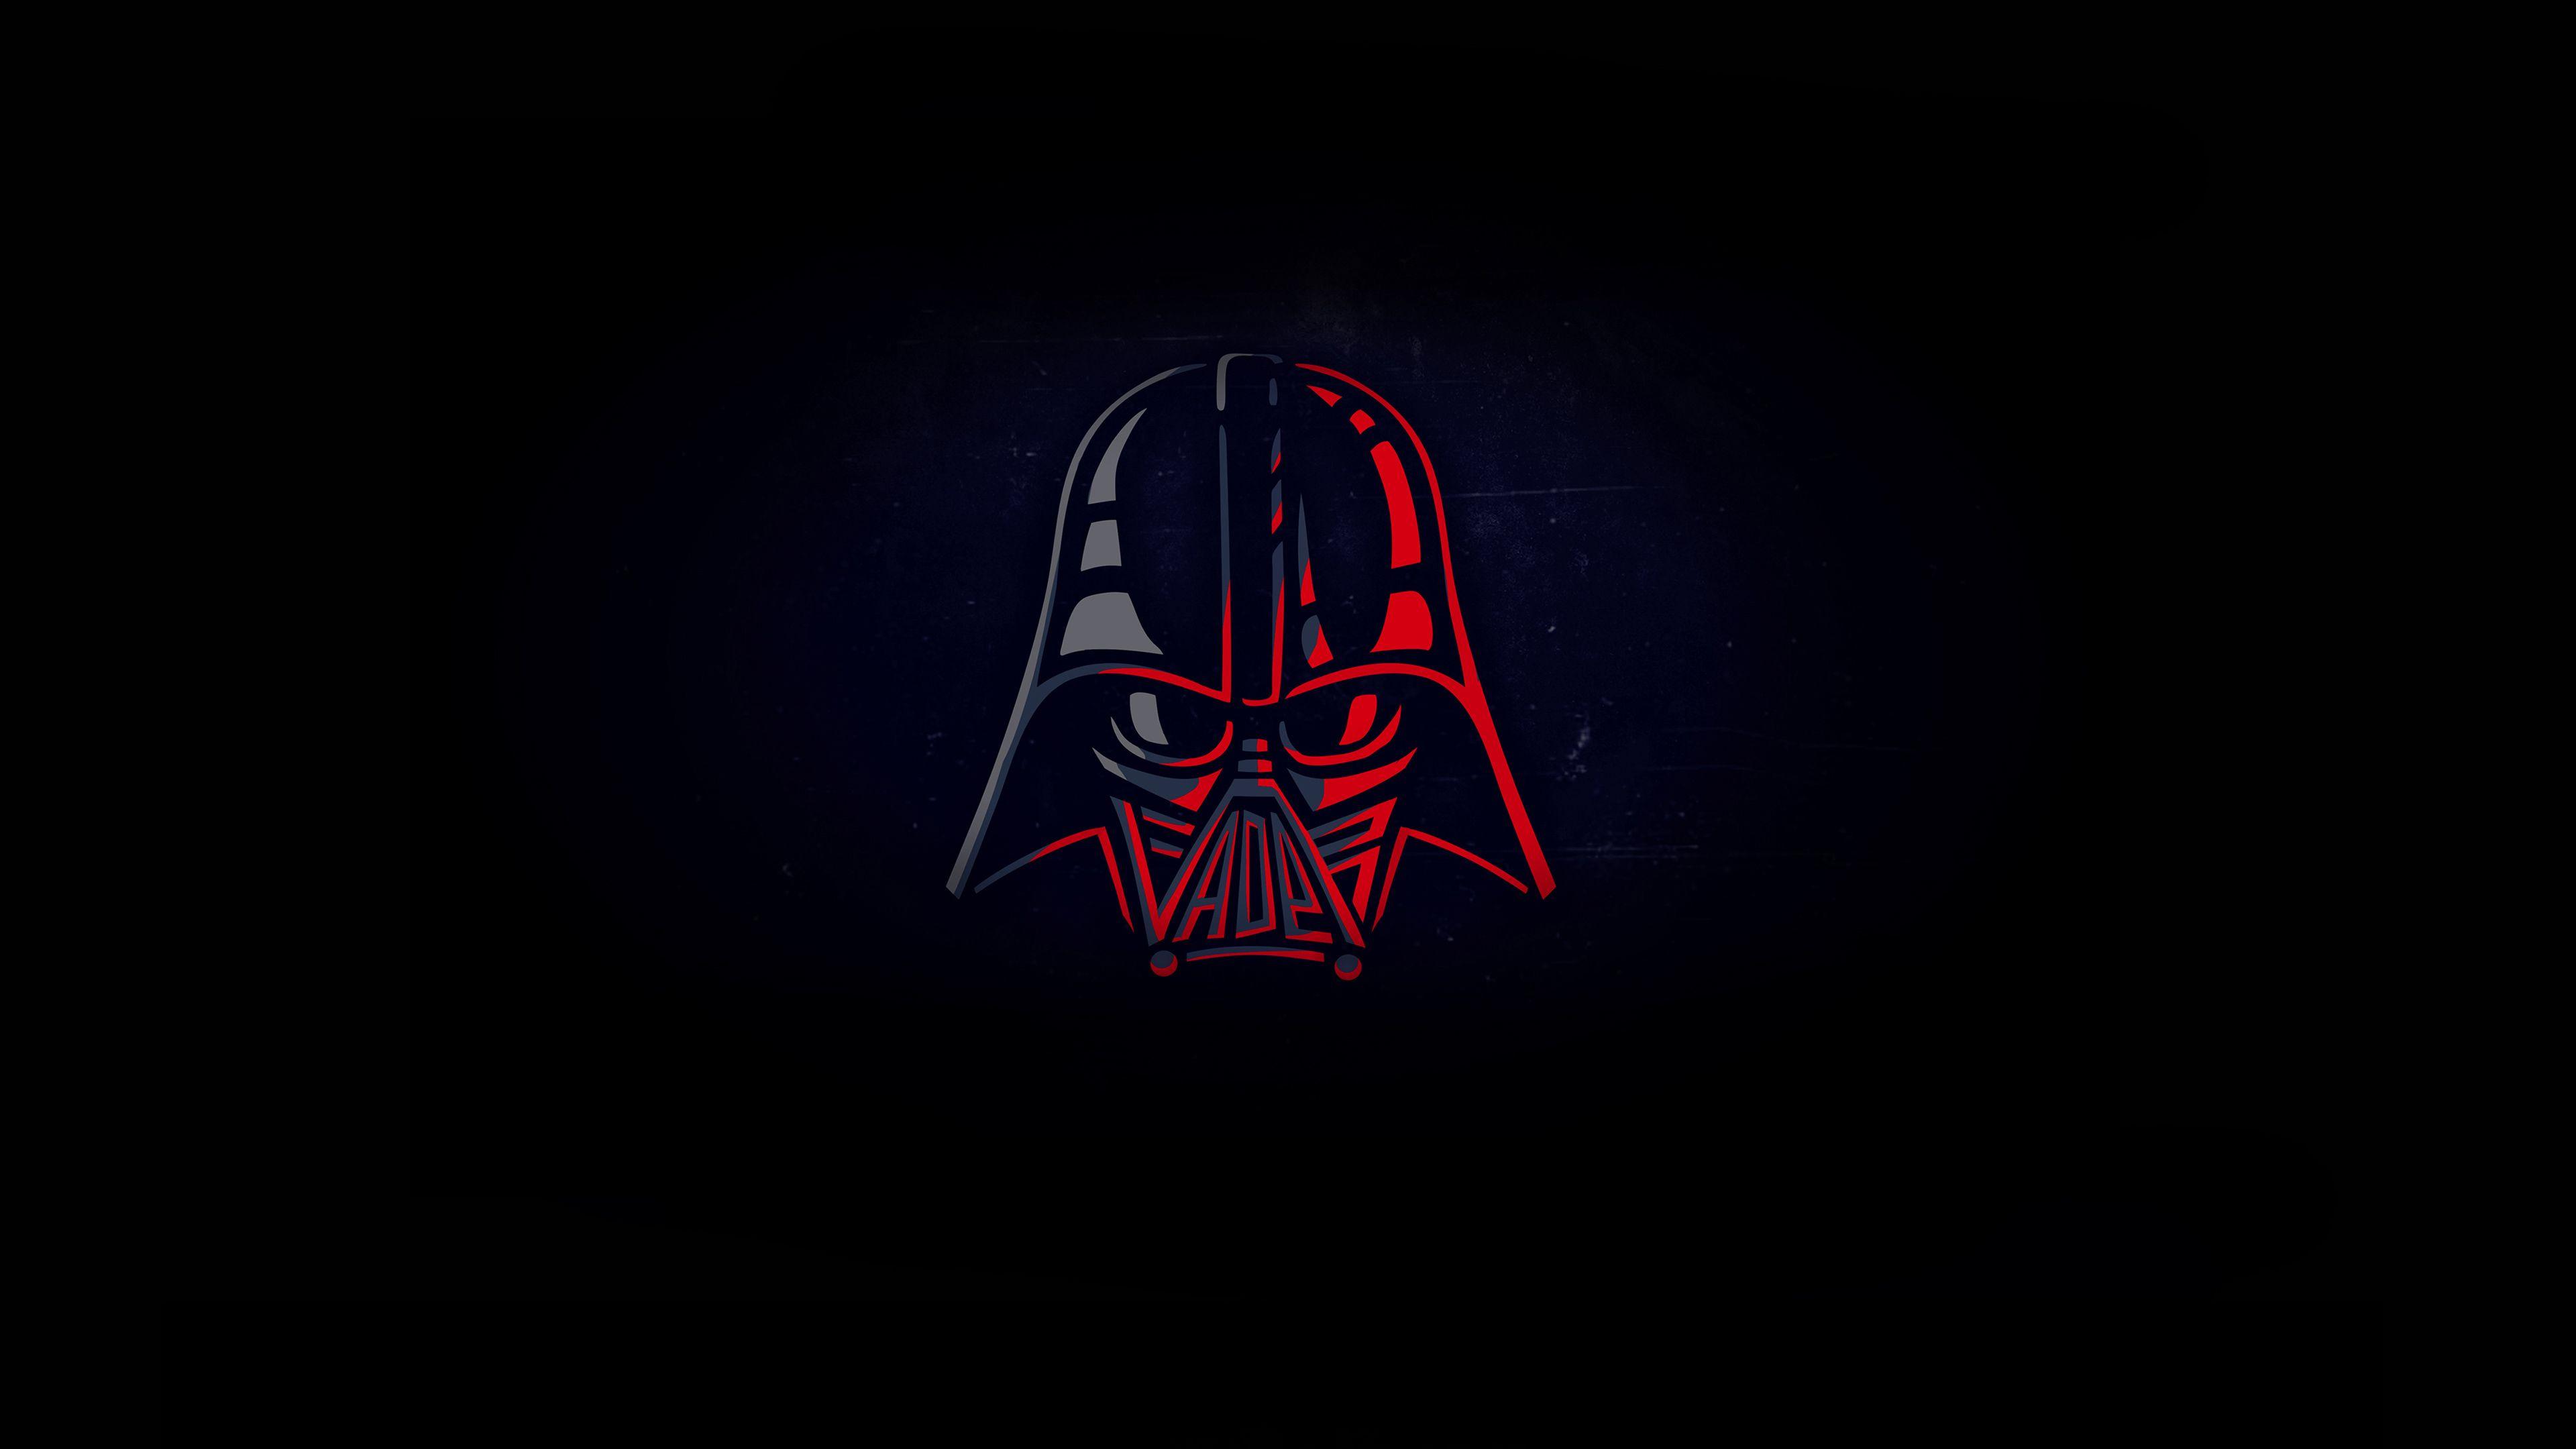 Hd Darth Vader Wallpaper Posted By Ryan Mercado